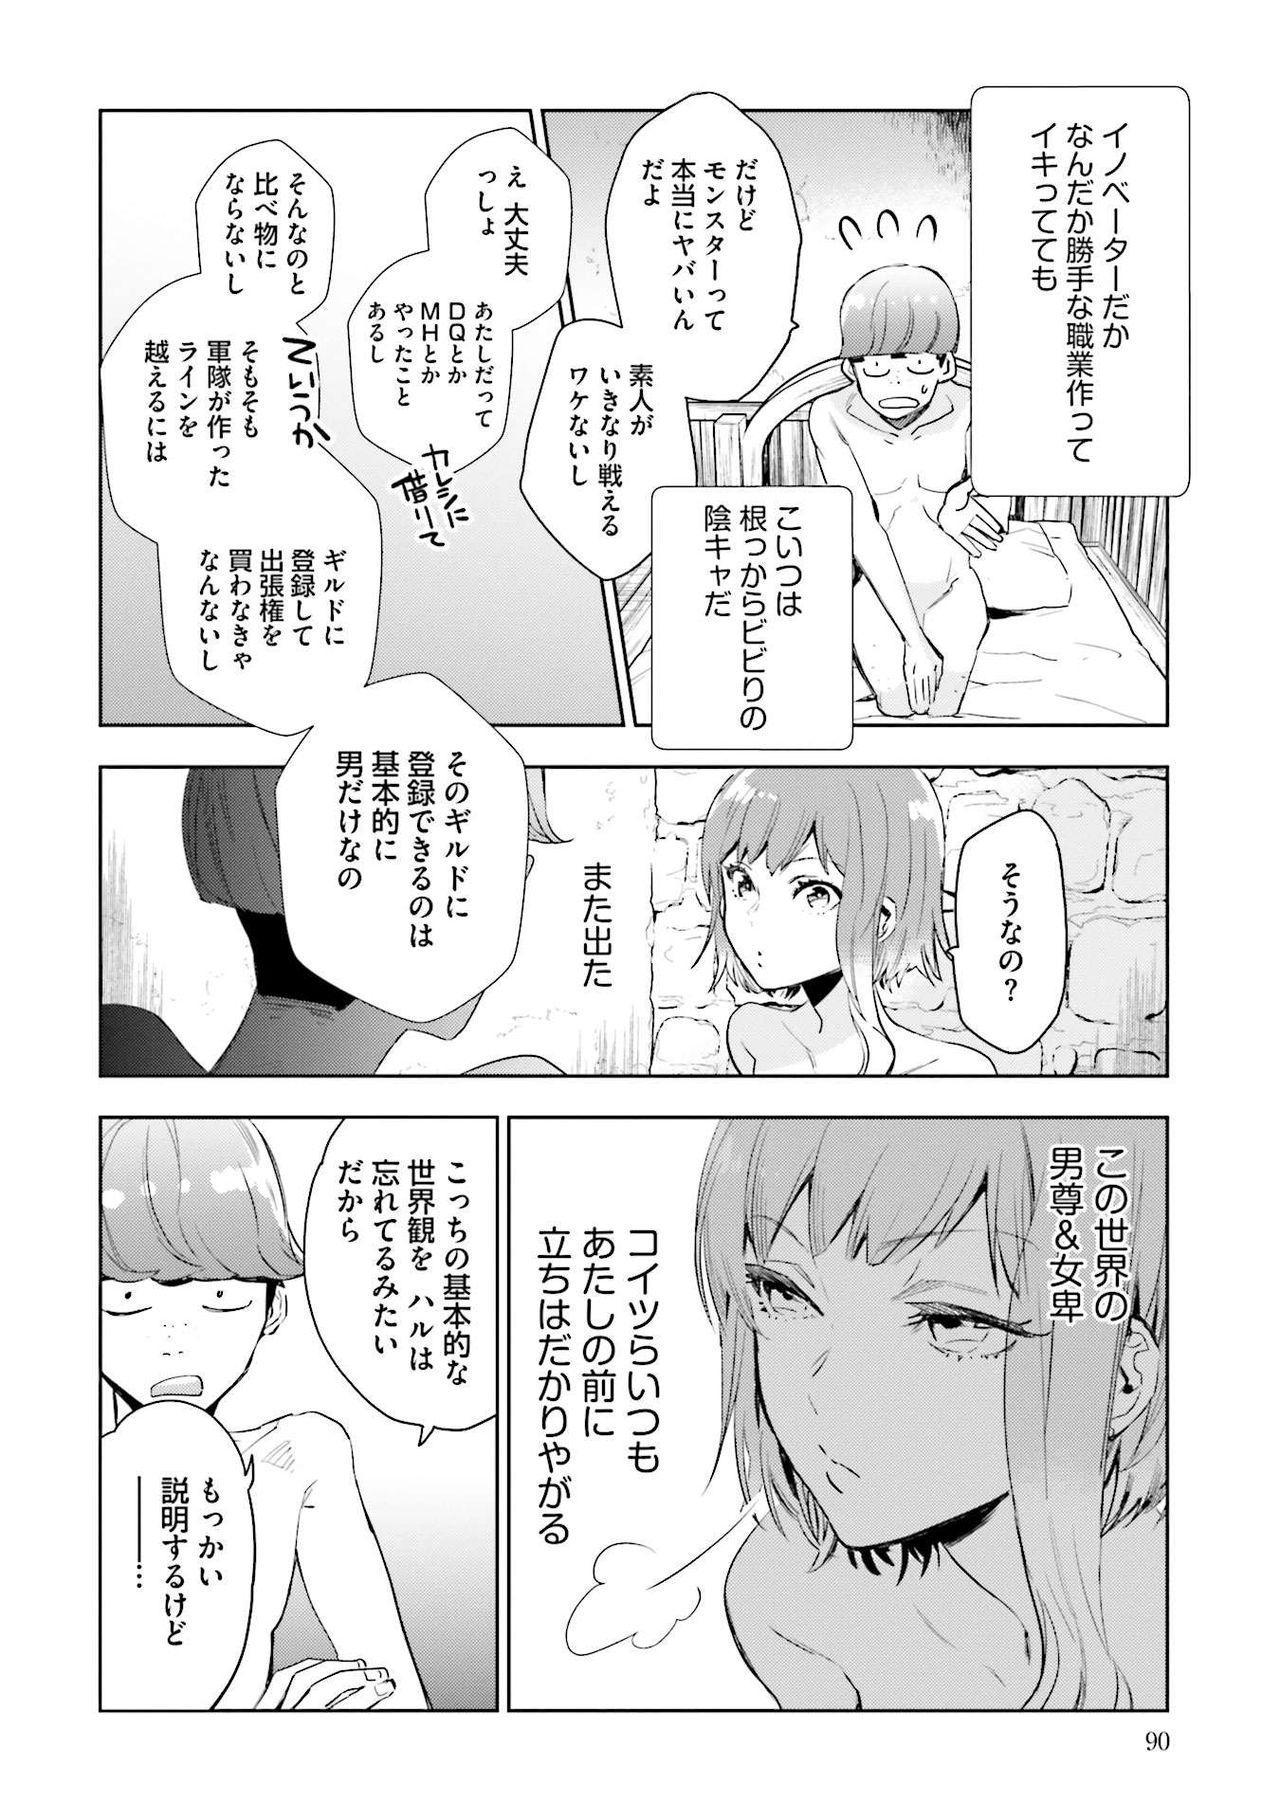 JK Haru wa Isekai de Shoufu ni Natta 1-14 91